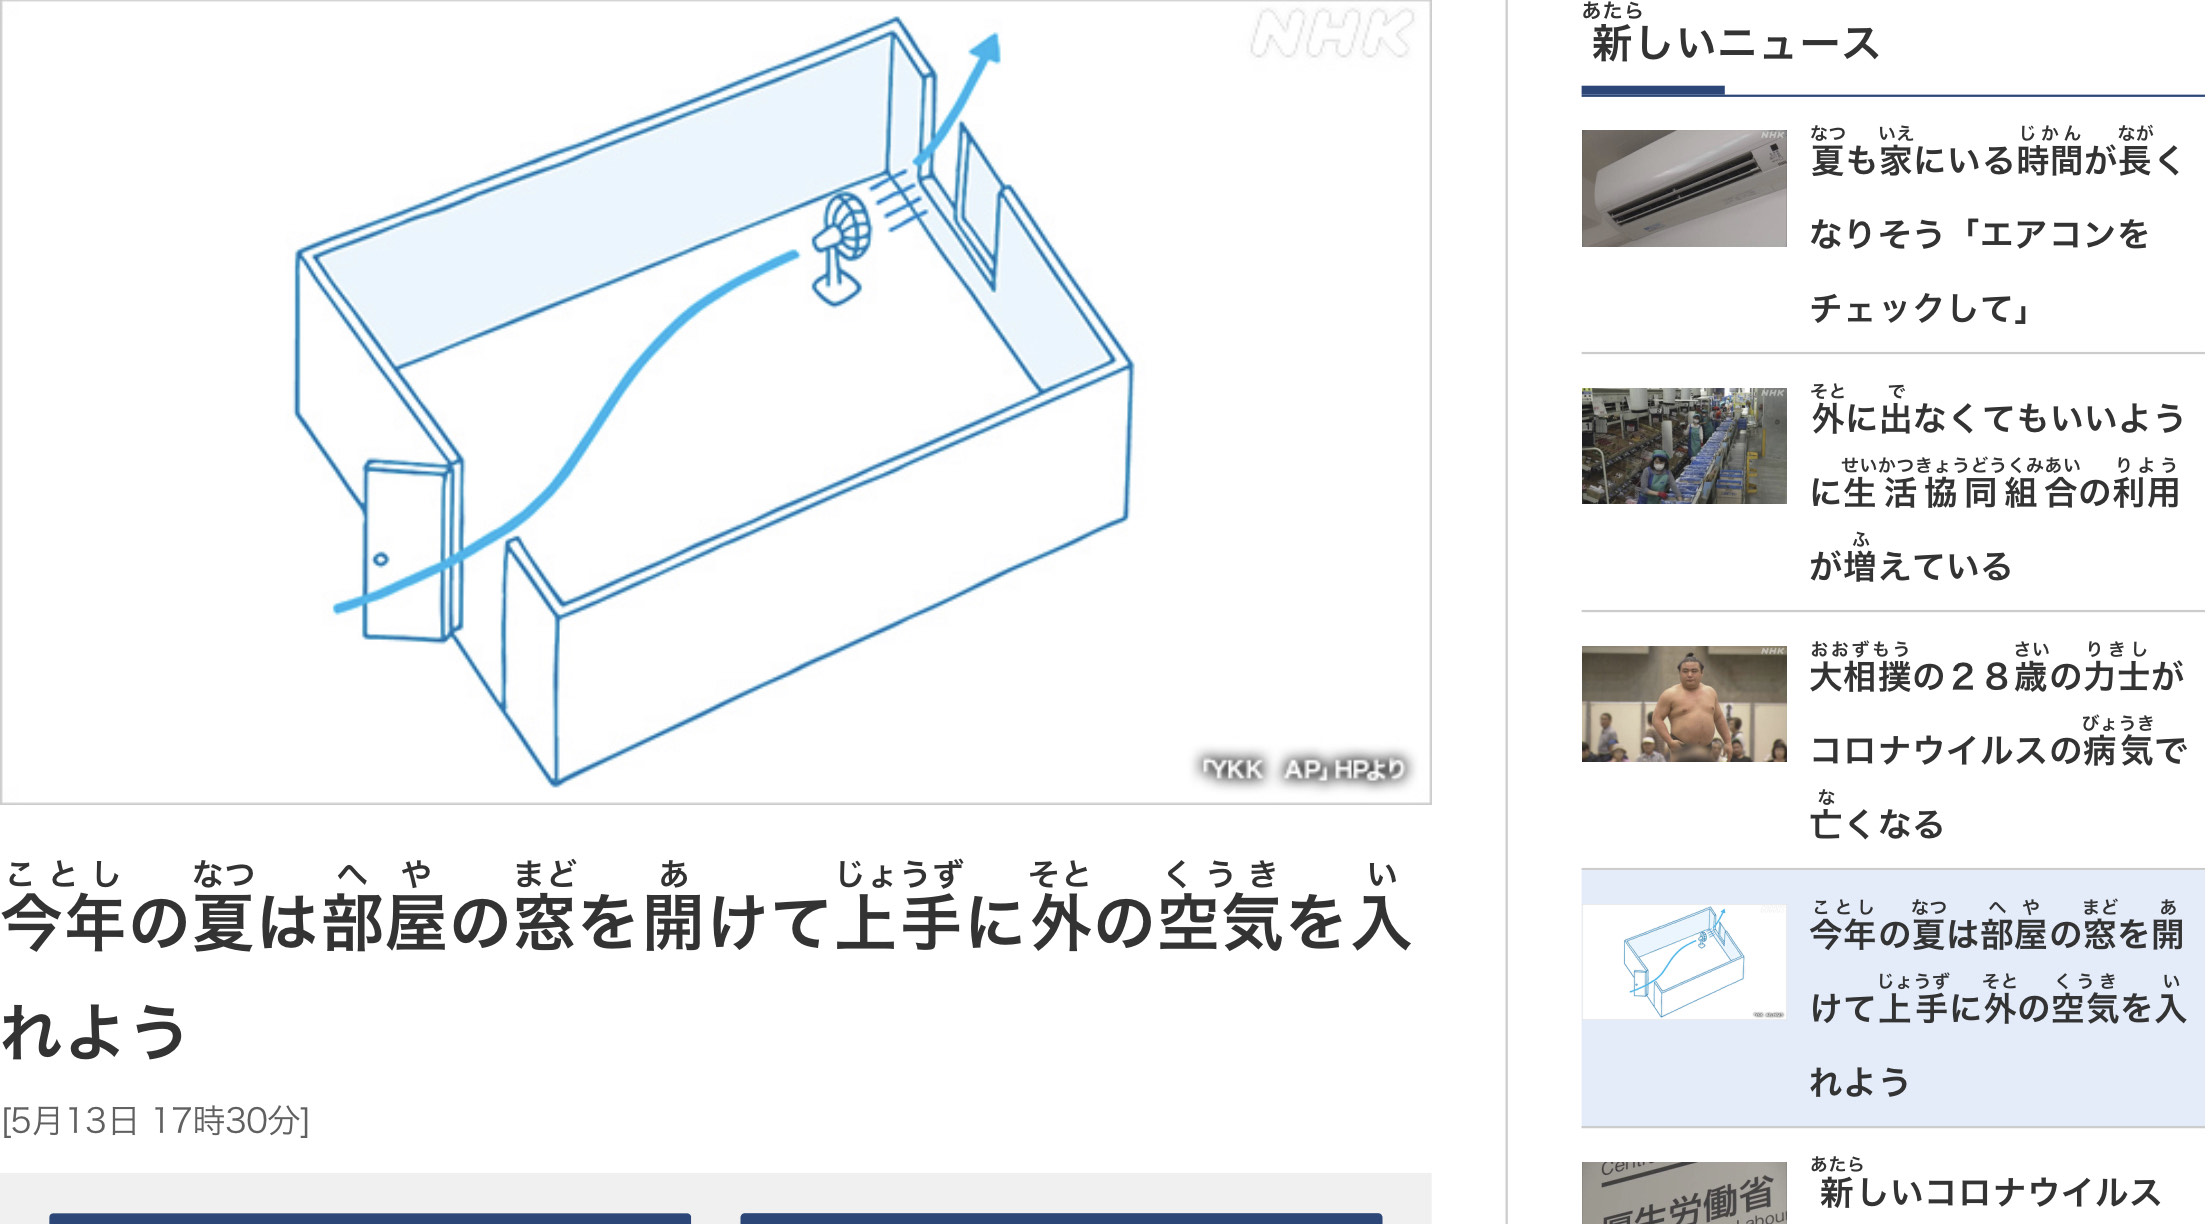 जापानिज भाषामा समाचार /日本語でのニュース